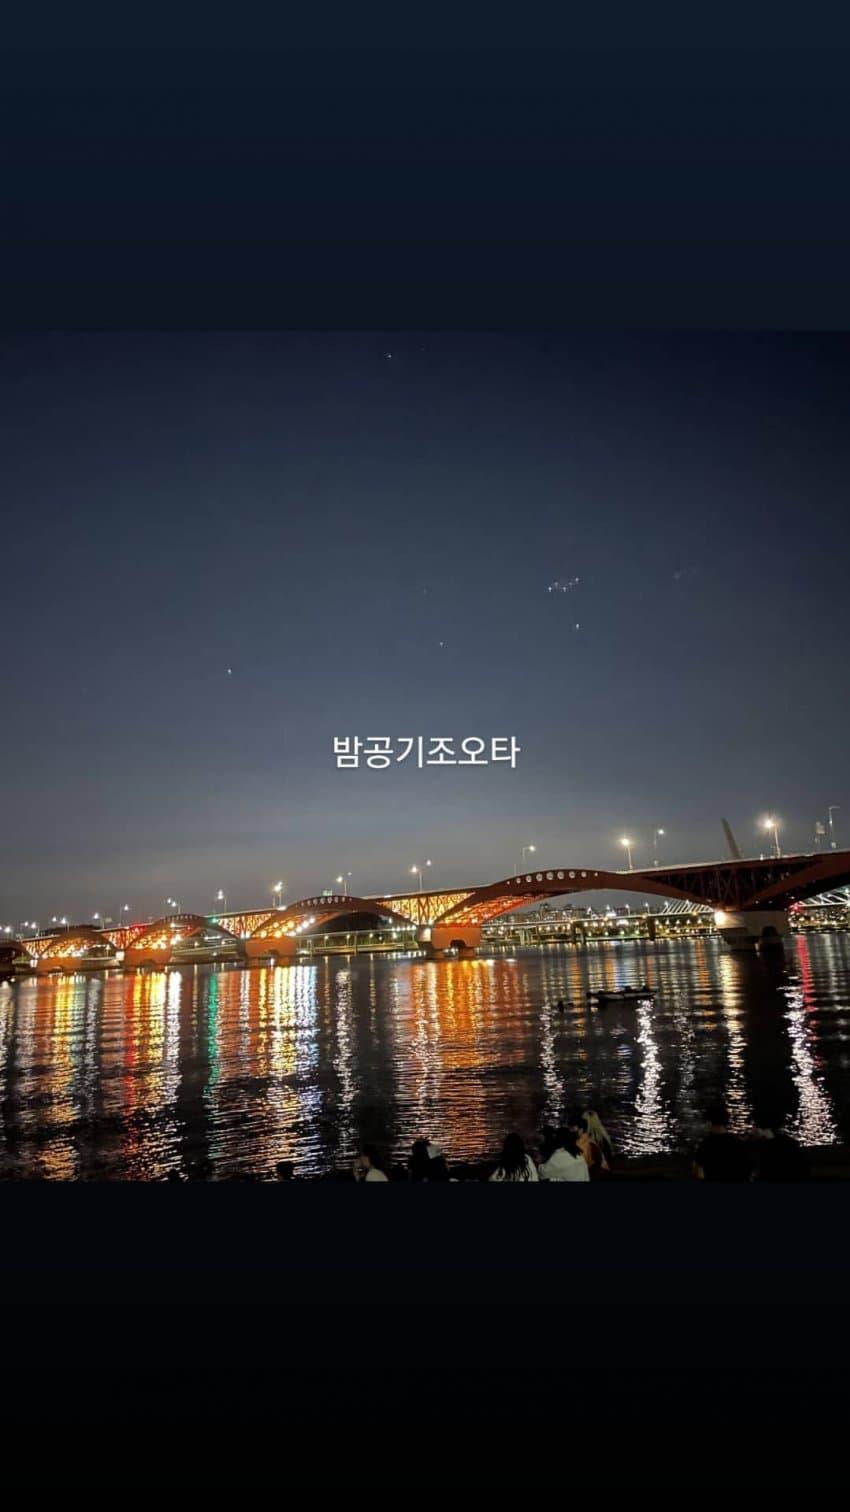 viewimage.php?id=21b2c623e9cb22&no=24b0d769e1d32ca73ceb87fa11d028310dffe6fa47565f9311496be5ca5555c71a335a96d1ef1ba3e1873ecc06d637c6abe56c4ef02bc4efc208ab05b60eac4ee39635d286a2b6c4dea5bef83be3dccff90c4d5d2acfc2b4ad724470b8a5631da3b3d3de0aac